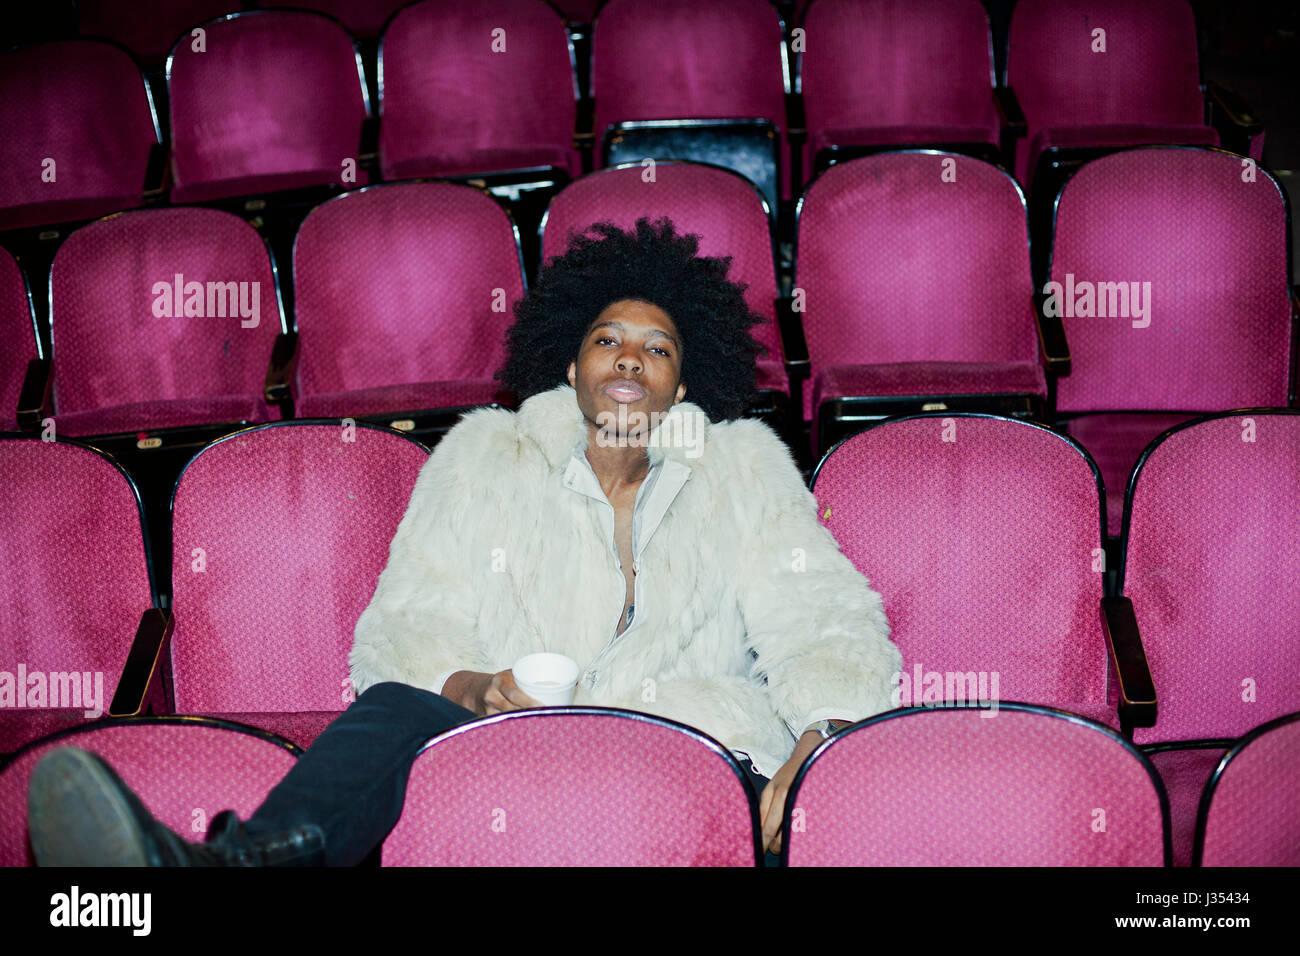 Ritratto di un giovane uomo in una pelliccia in un teatro Immagini Stock